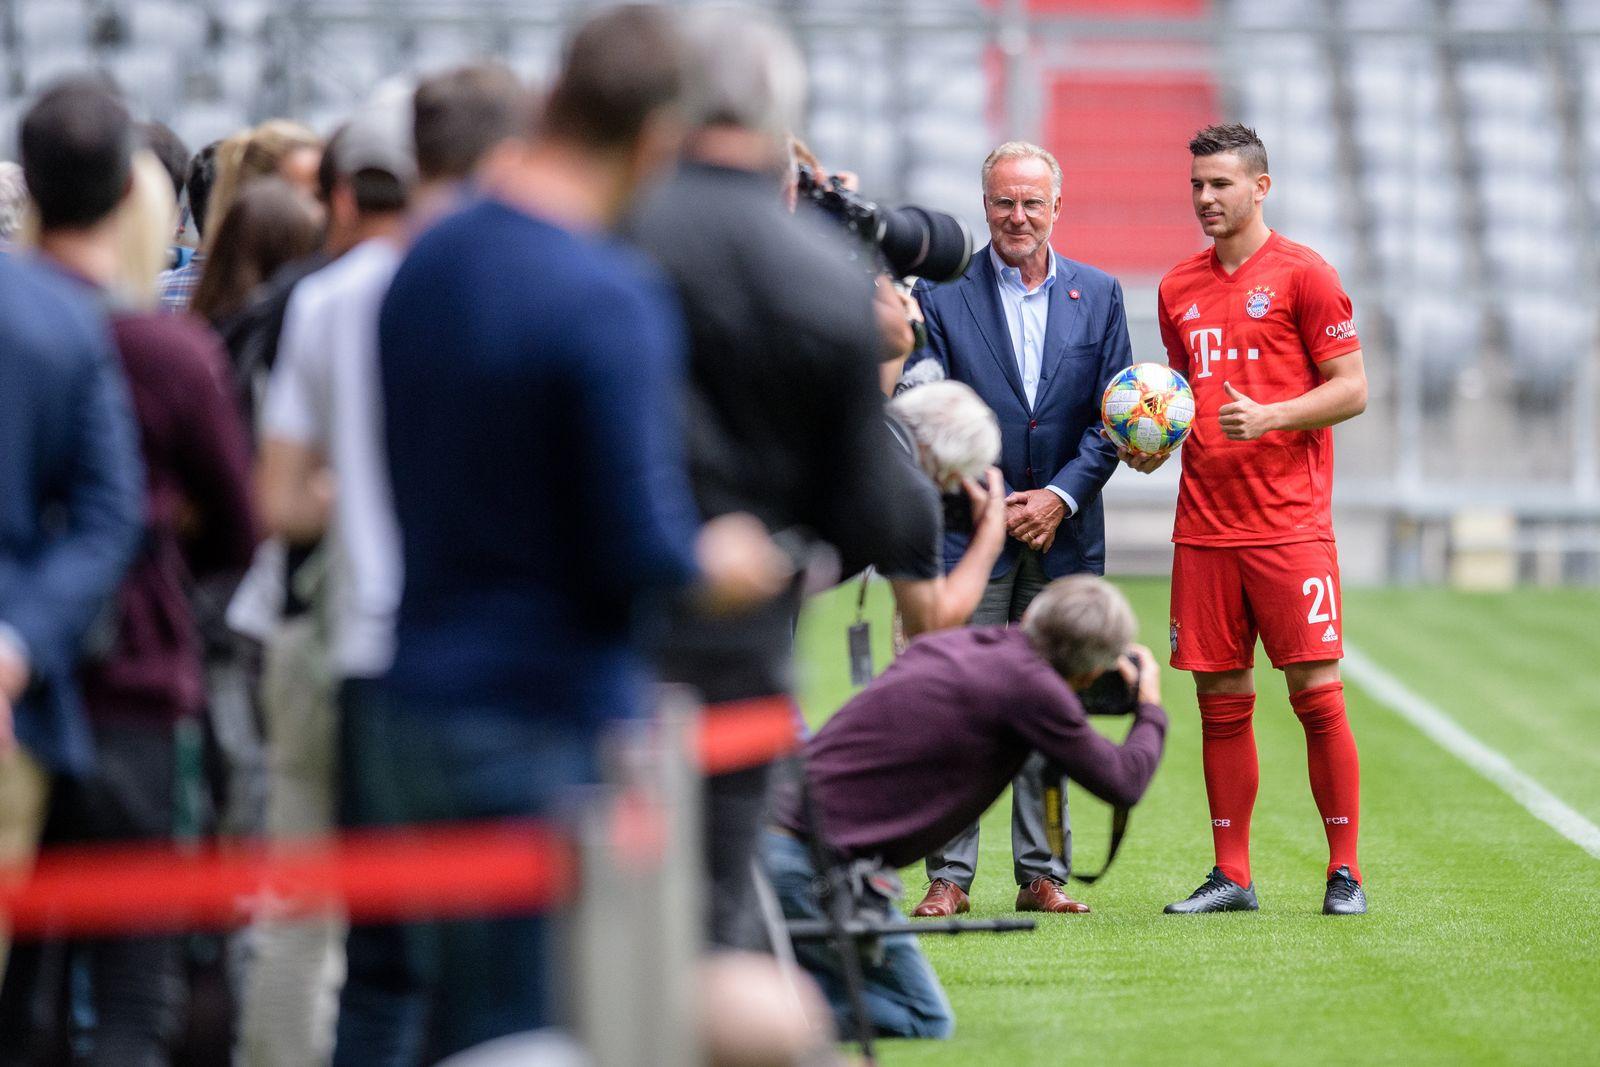 Vorstellung Hernandez beim FC Bayern